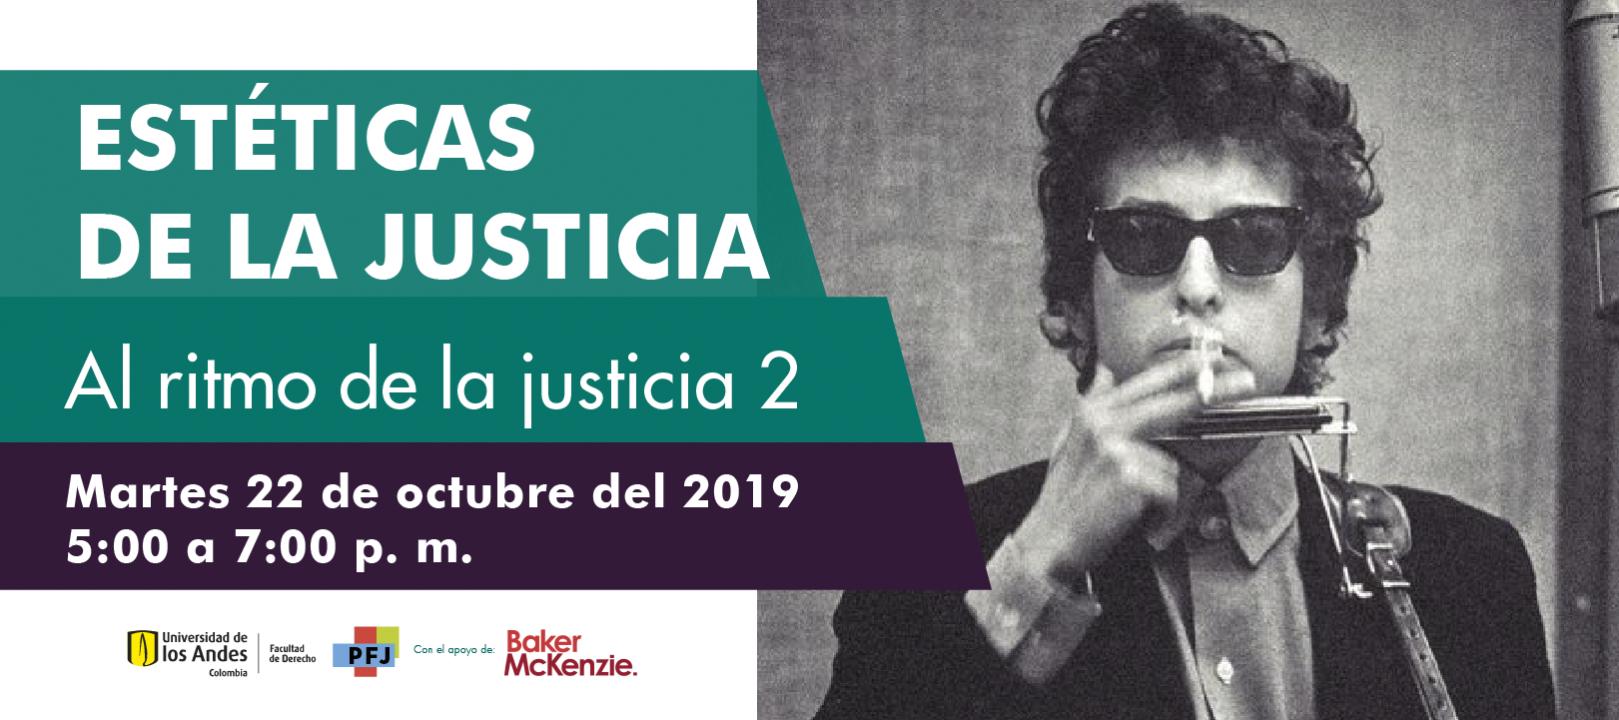 Estéticas de la justicia - Al ritmo de la justicia 2